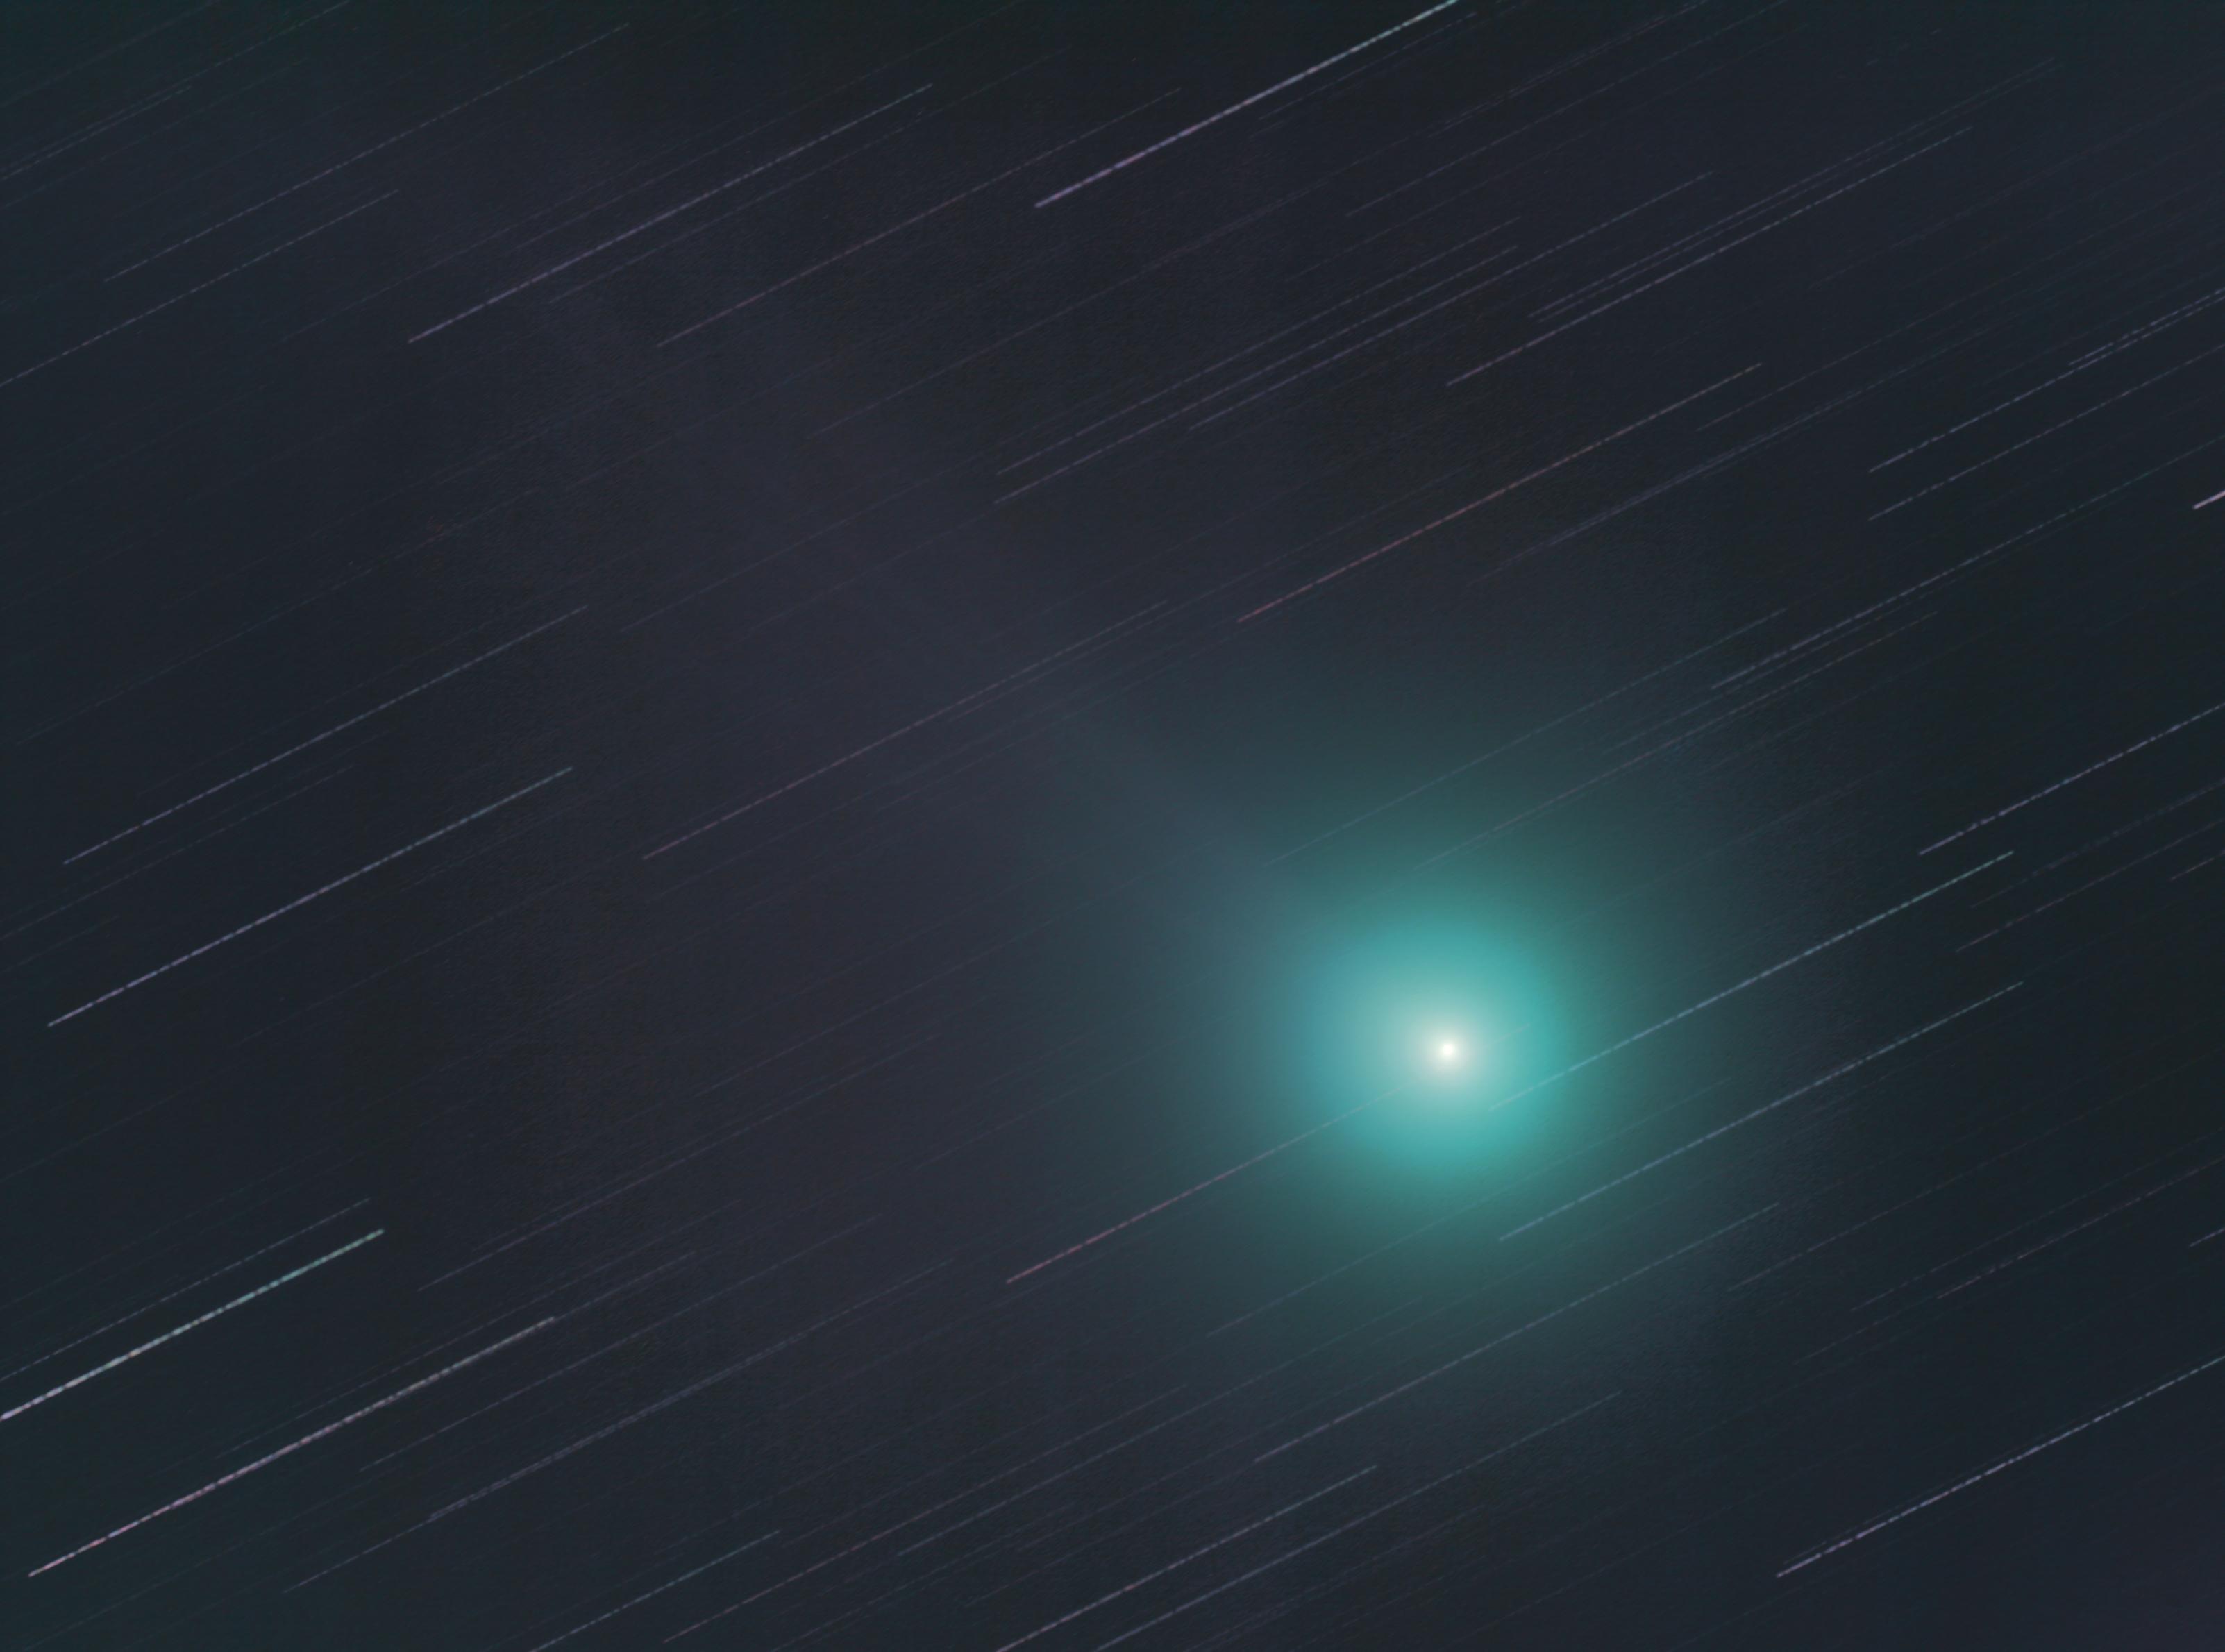 Comet Lovejoy, C2014 Q2